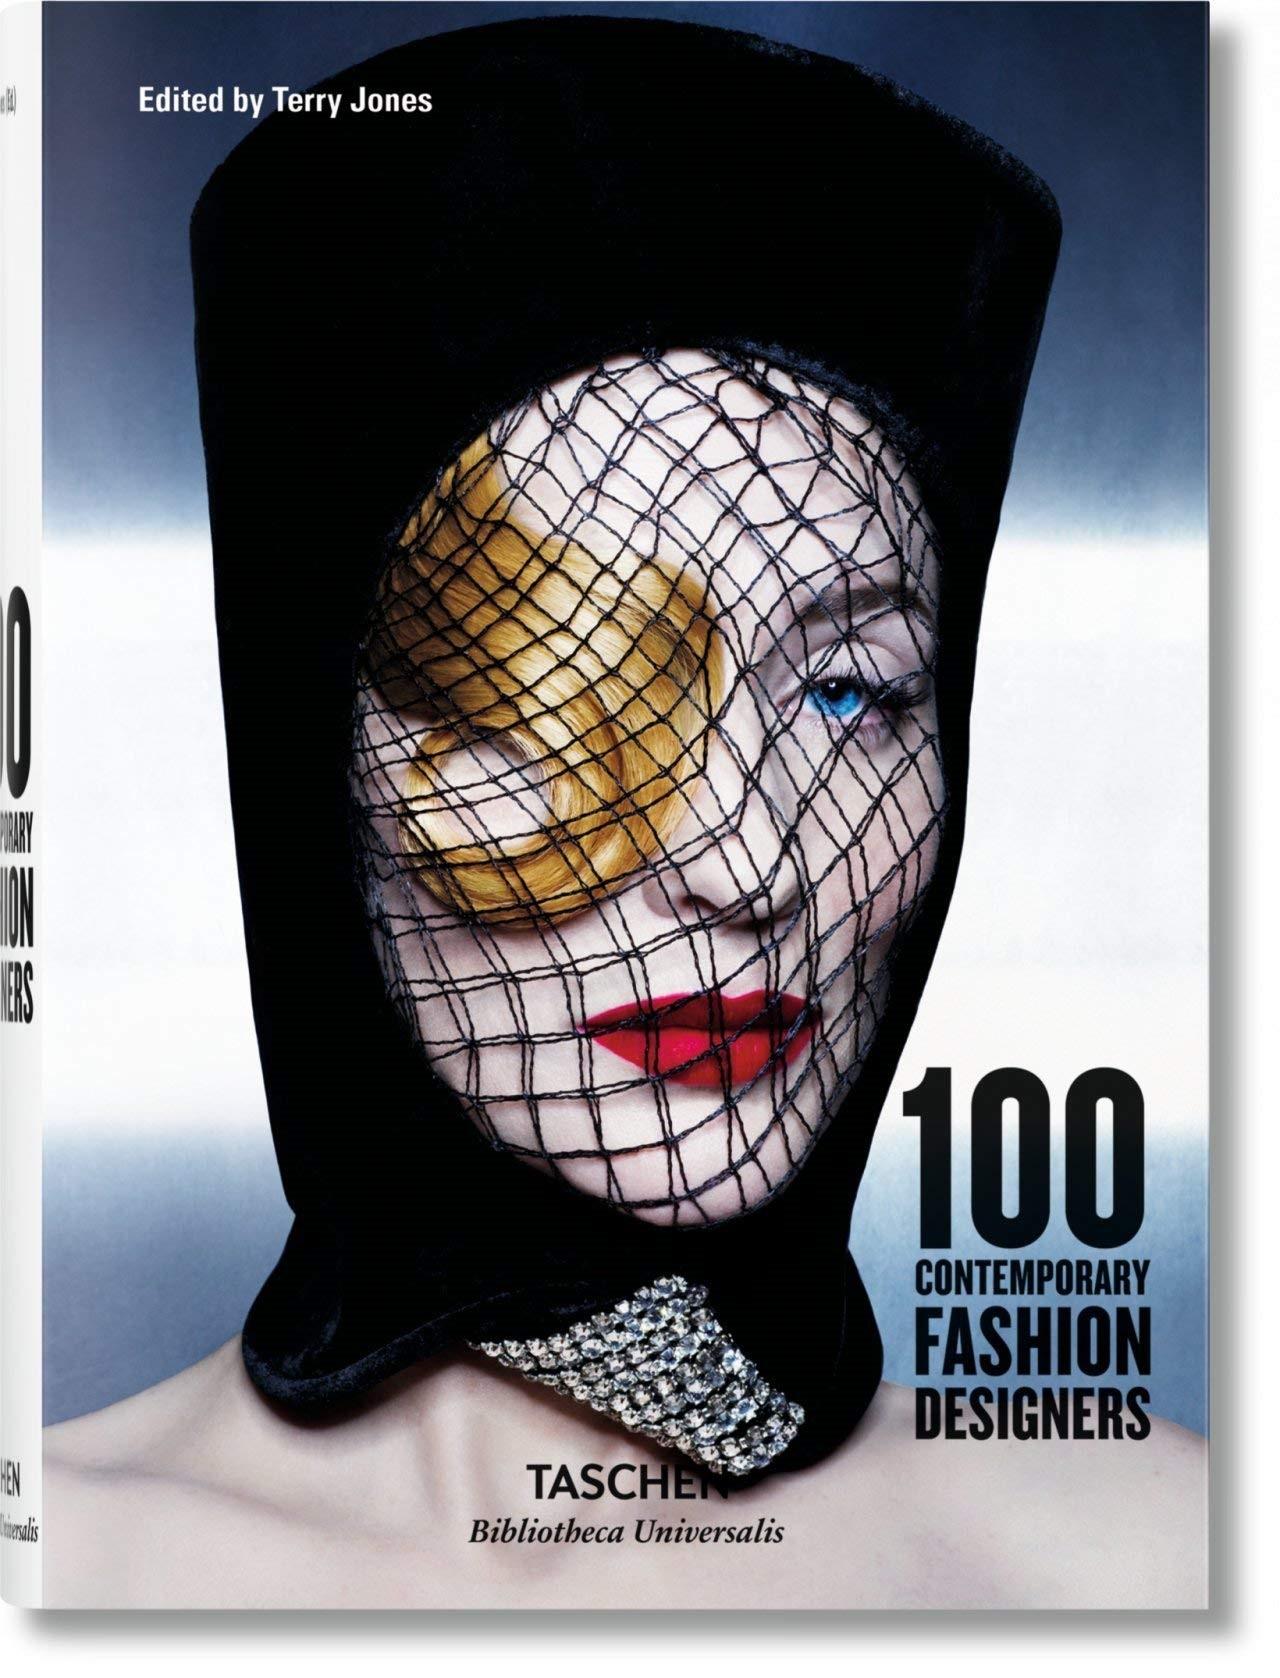 libros para diseñadores de moda - 100 diseñadores contemporaneos